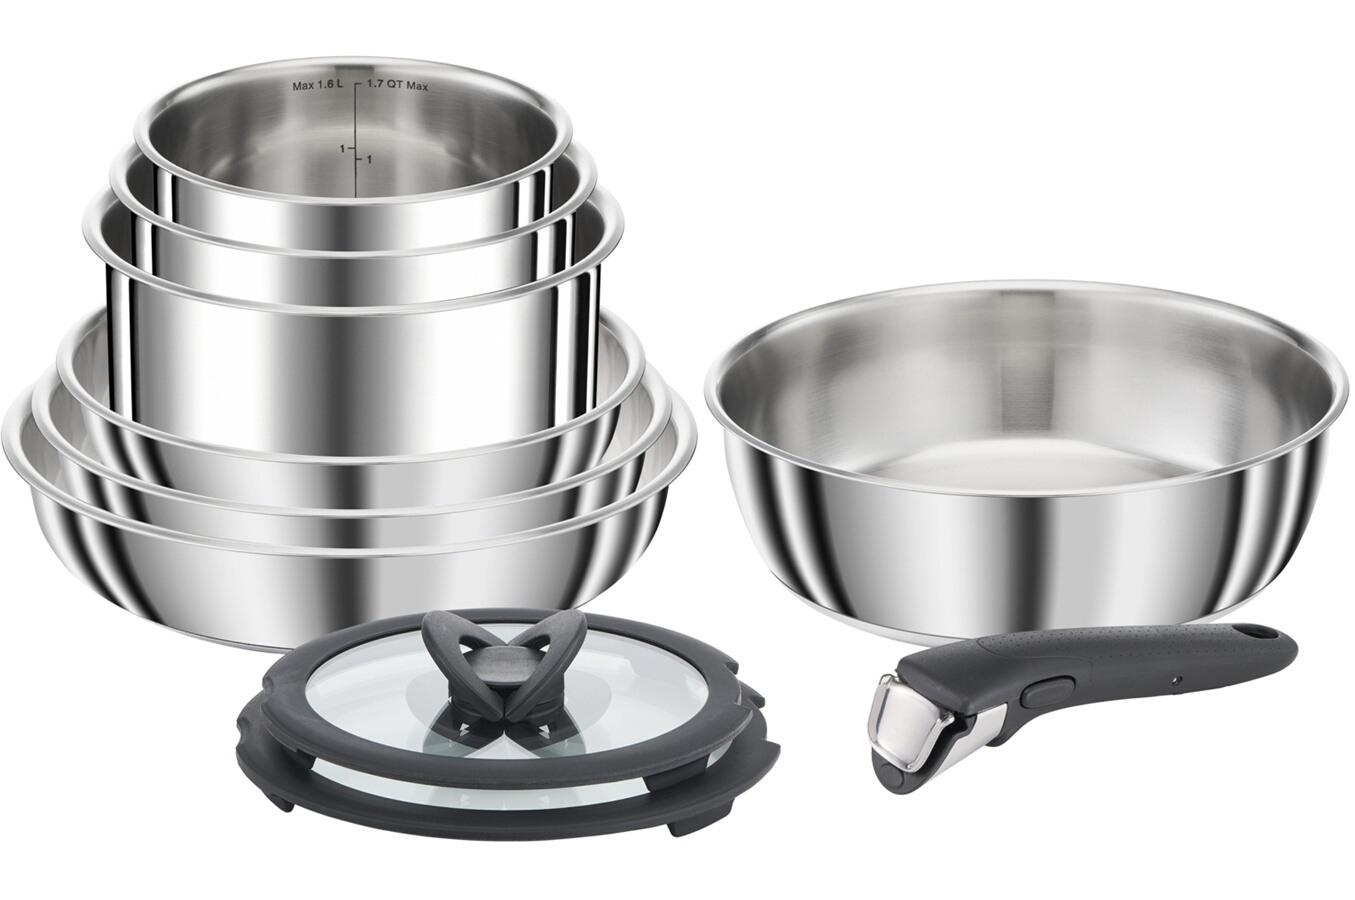 Set de 10 casseroles en acier inoxydable SEB Compact L953SA04 - tous feux dont induction (69.99€ en Click & Collect)